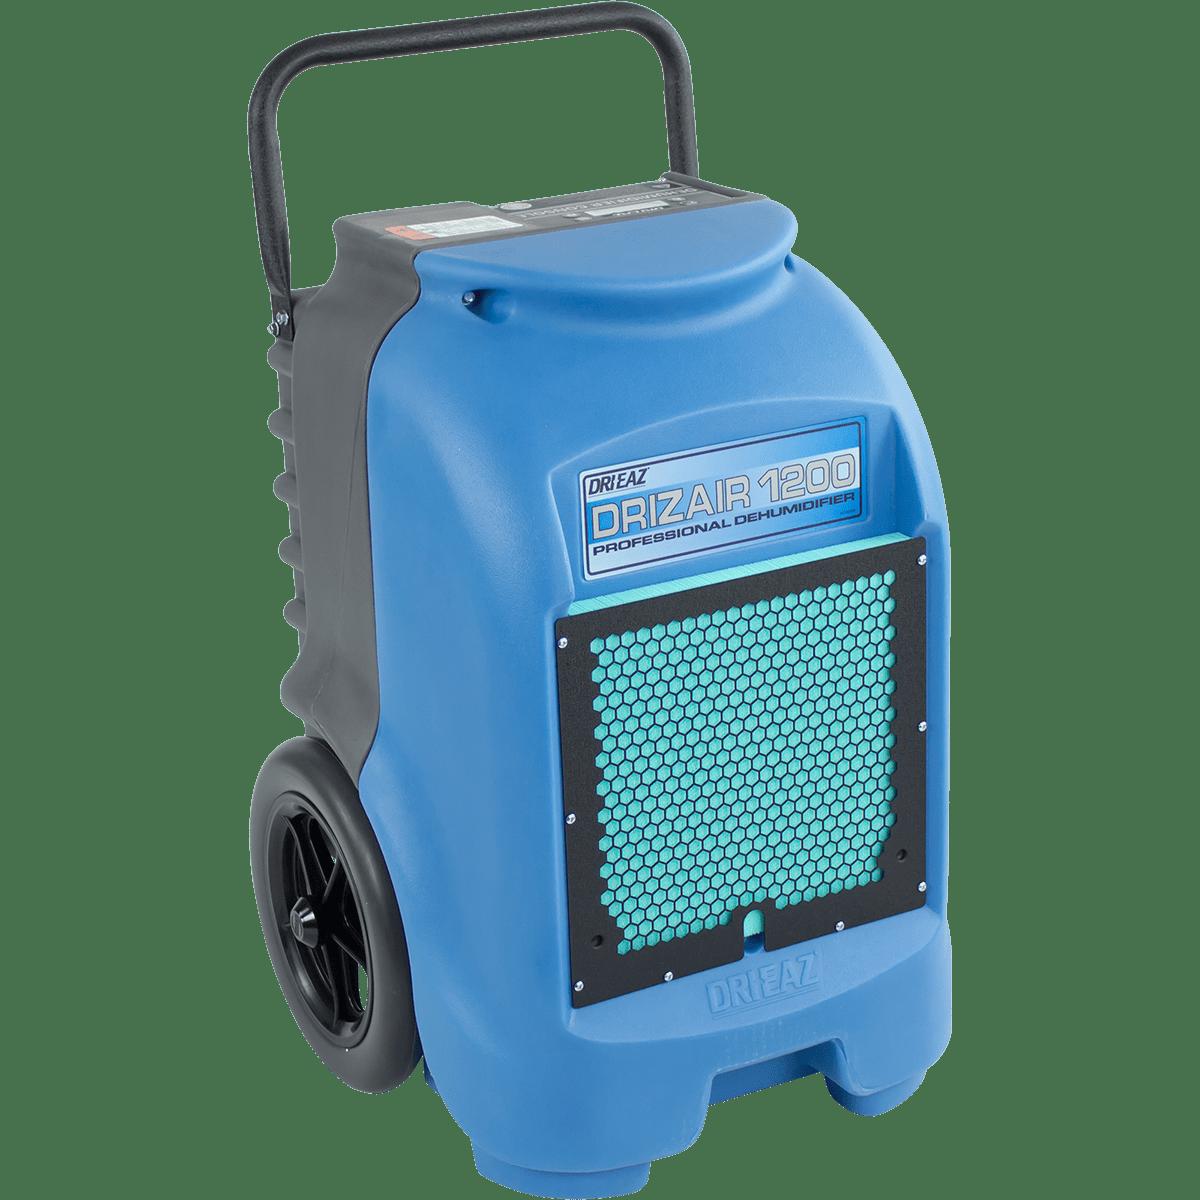 Dri-eaz Drizair 1200 Low-temperature Refrigerant Dehumidifier (f203-a)